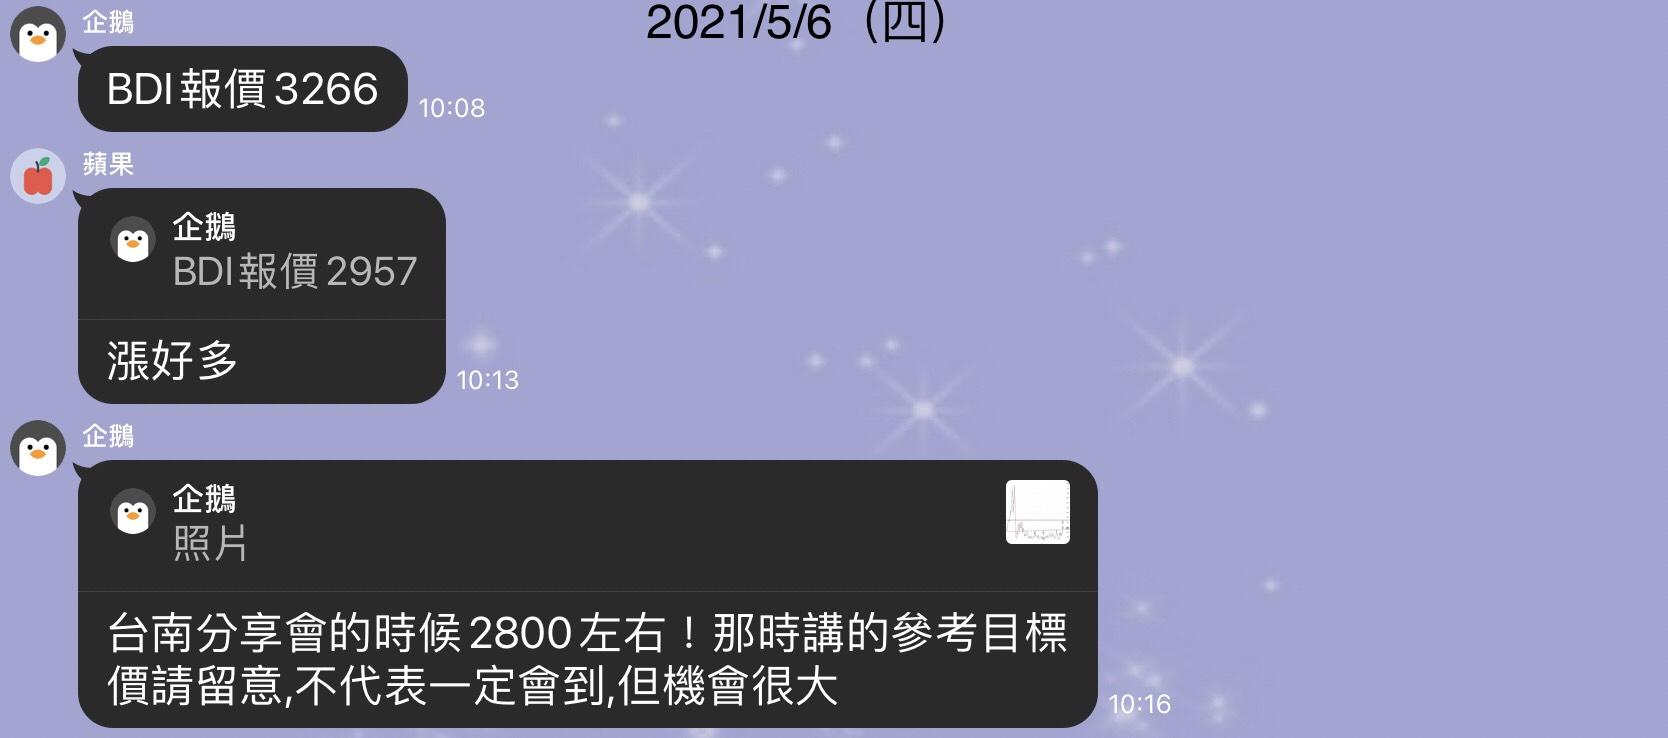 2021/05/10 豪爺週報-台股已到目標價,再來仔細觀察輪動吧_03